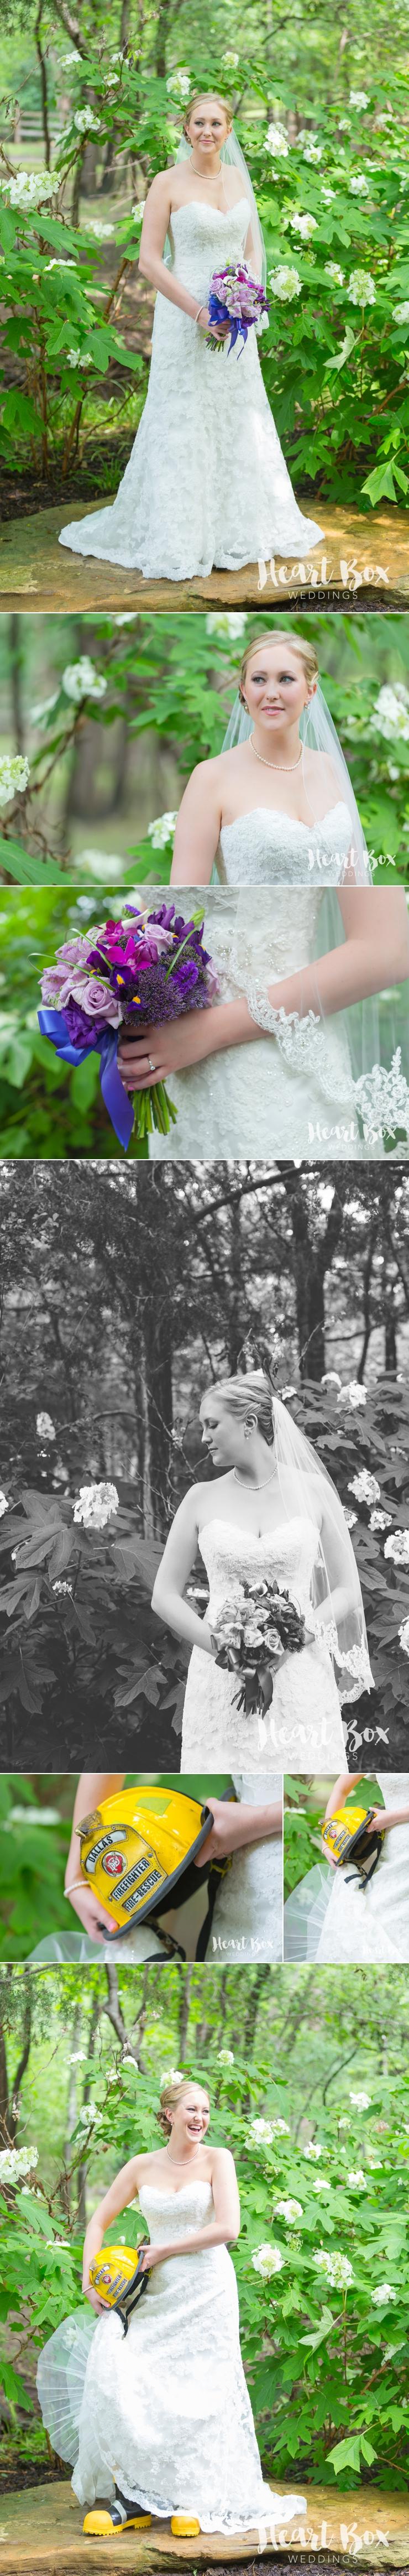 Kayla Bridal Blog Collage 3.jpg